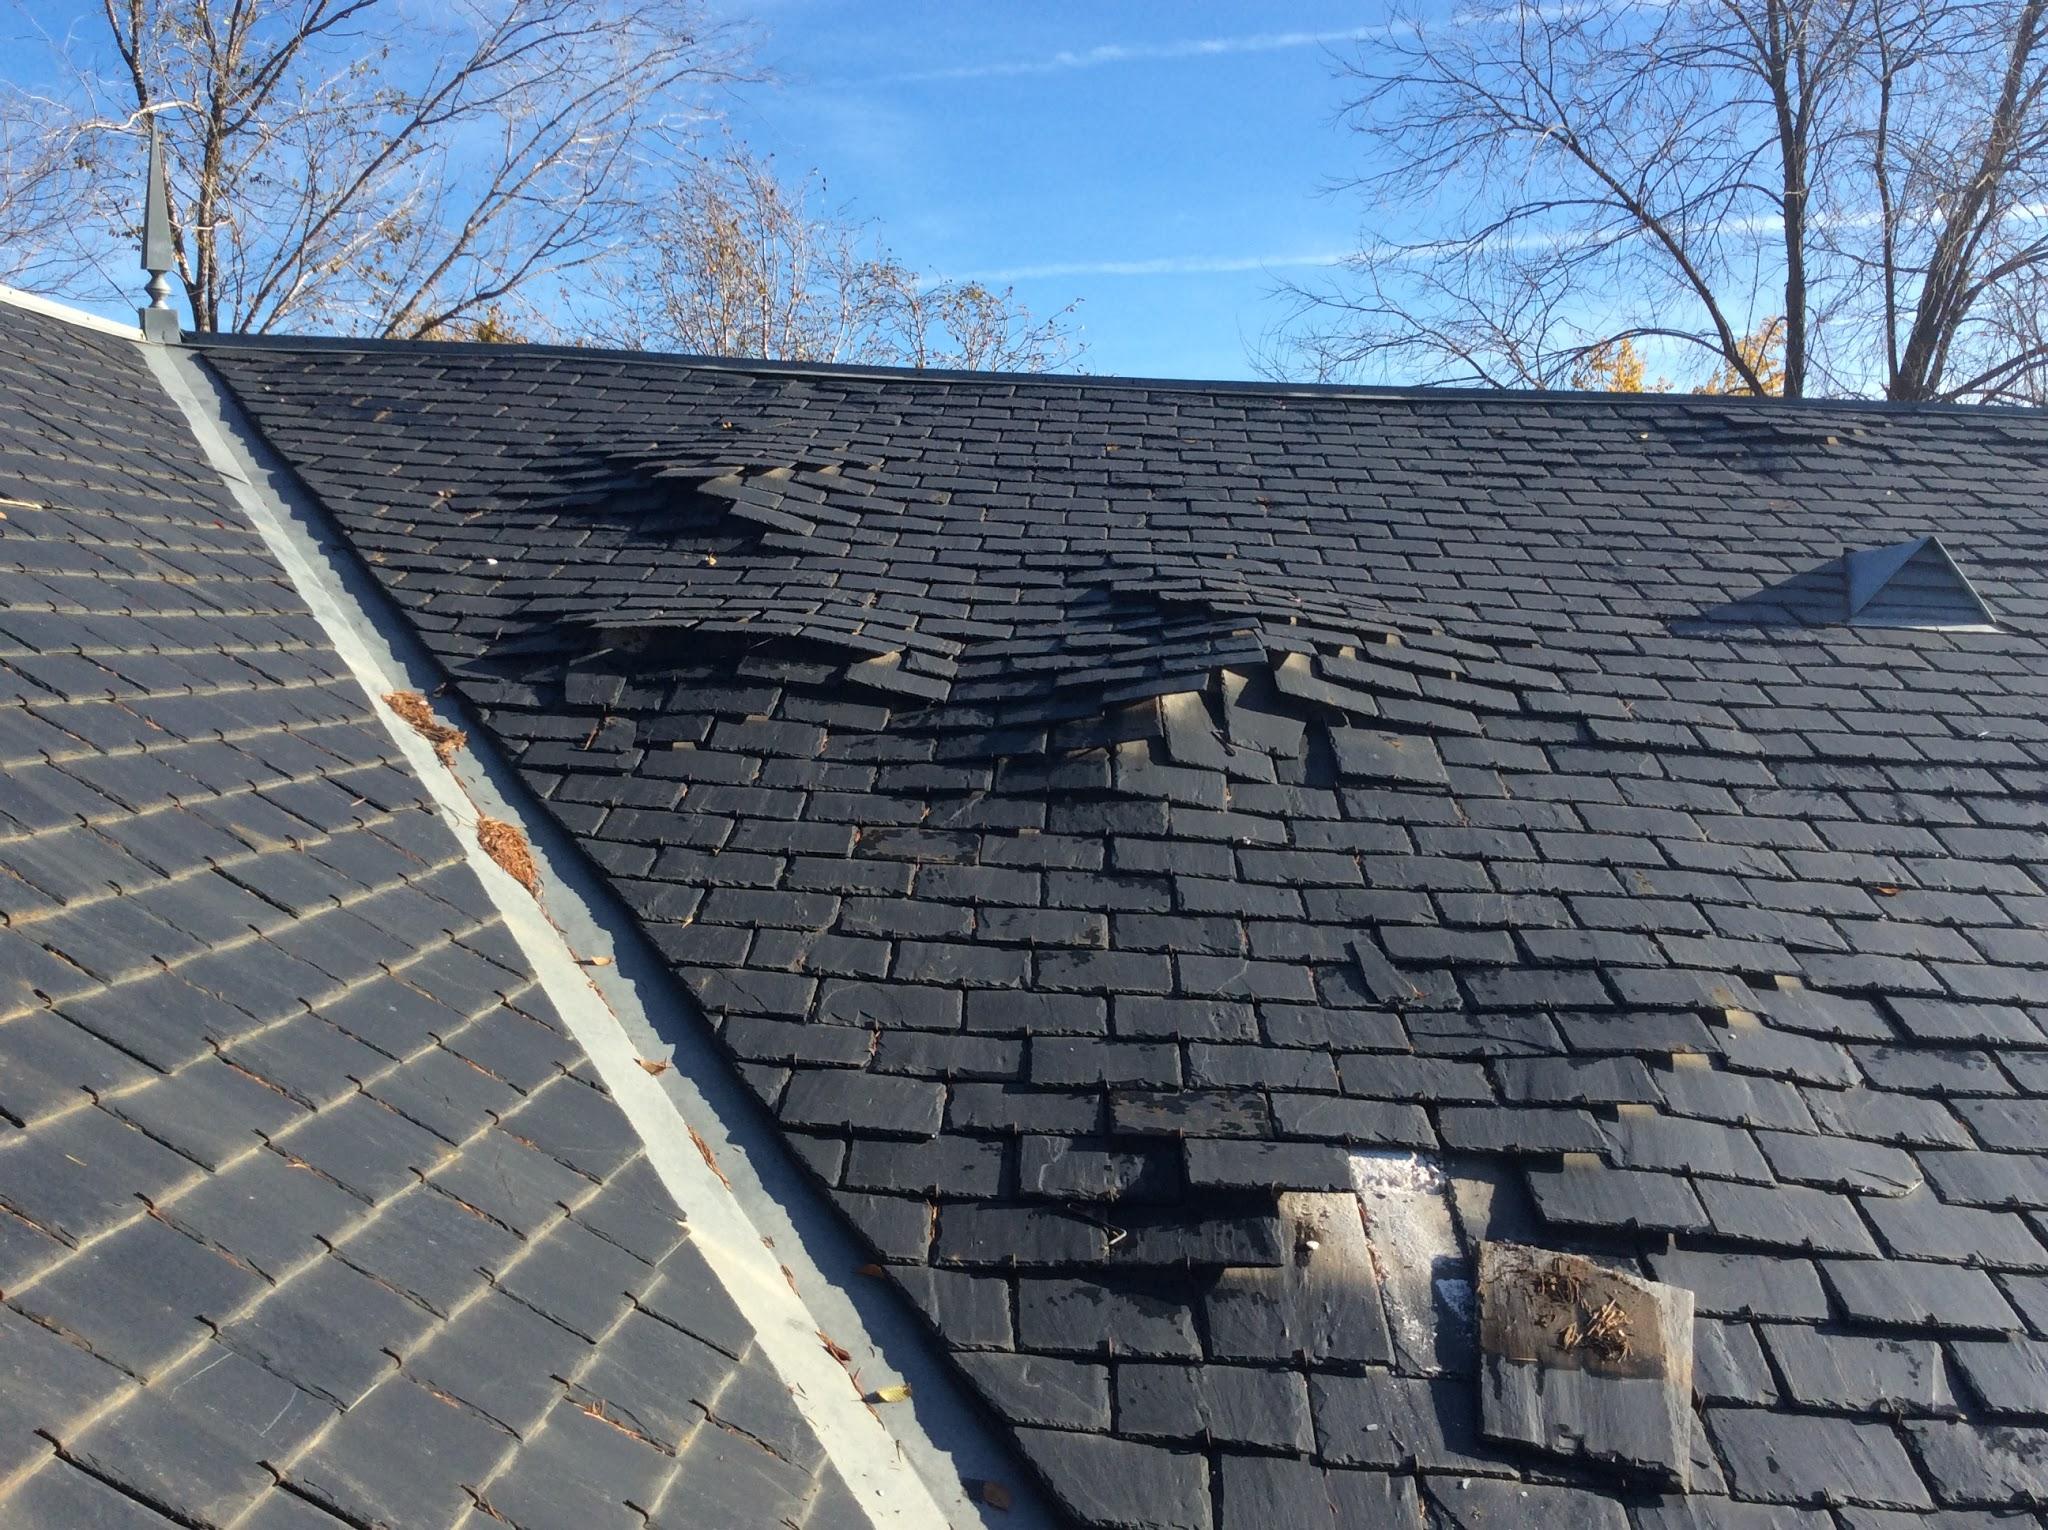 Reparaci n de tejados de pizarra madrid arreglo de goteras - Tejado de pizarra ...